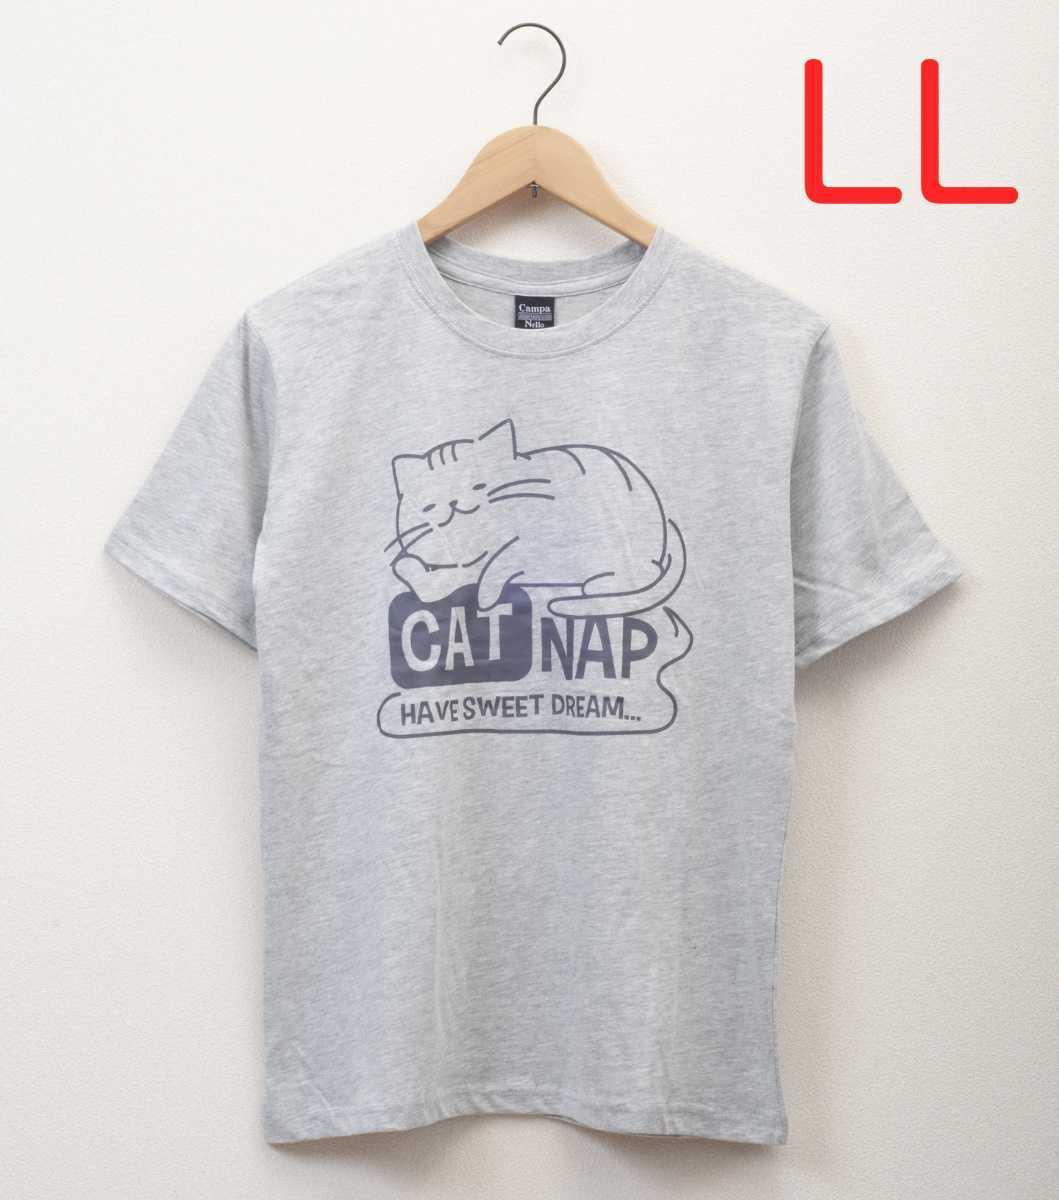 【新品未使用】LL 眠りネコデザイン 半袖Tシャツ ライトグレー プリントTシャツ ネコ 猫 キャラT メンズ トップス 男女兼用 カワイイ cat